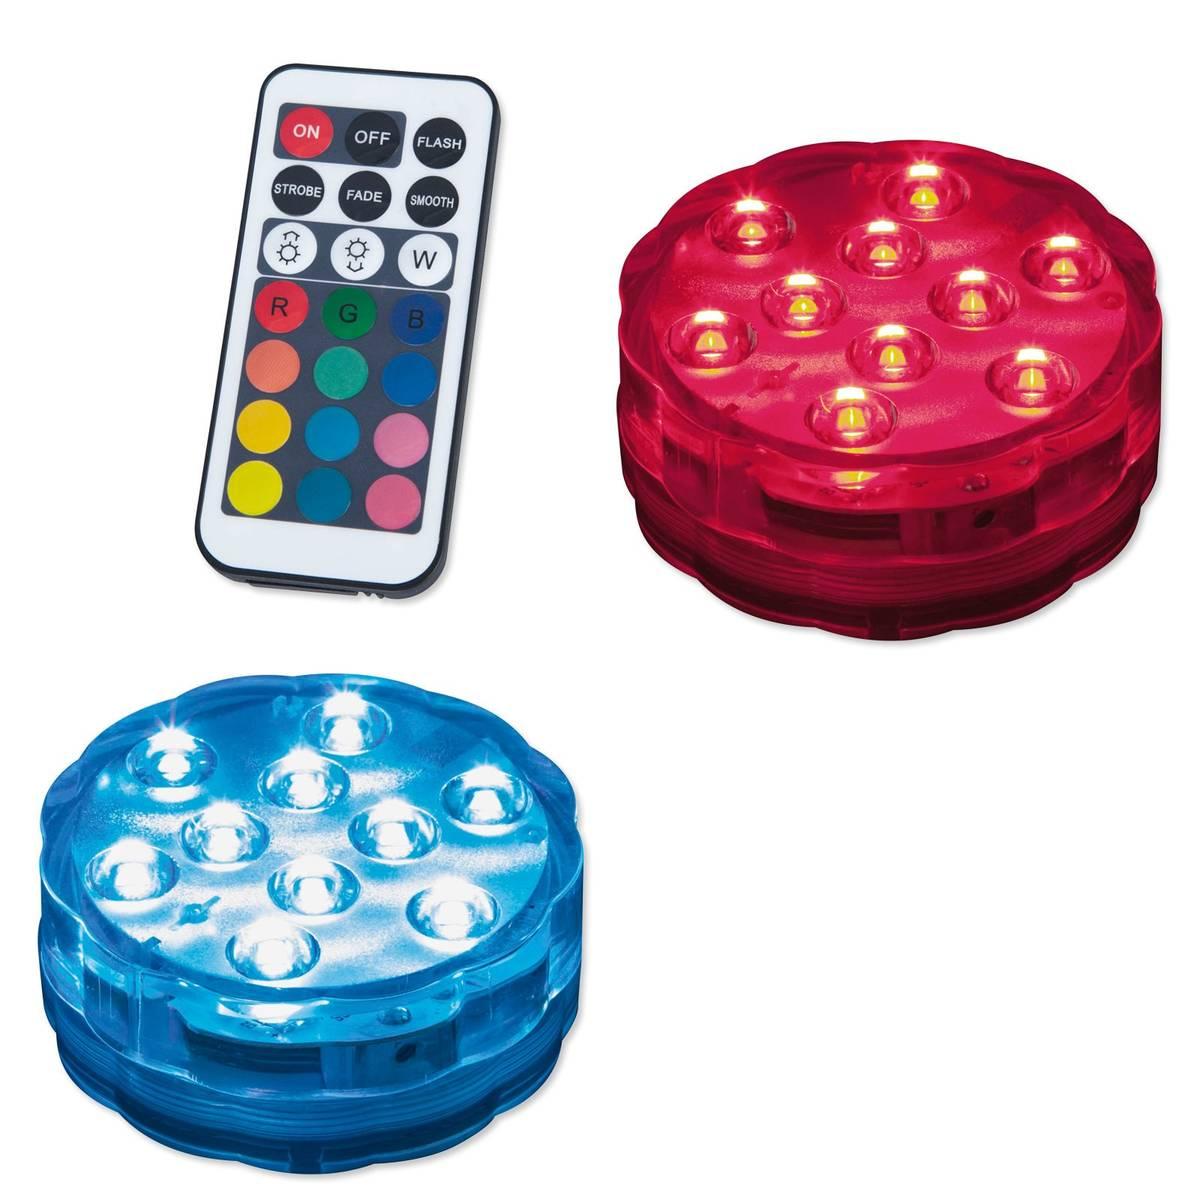 Bild 2 von LAMPURA LED-RGB-Dekoleuchte - Kunststoff - mit Fernbedienung